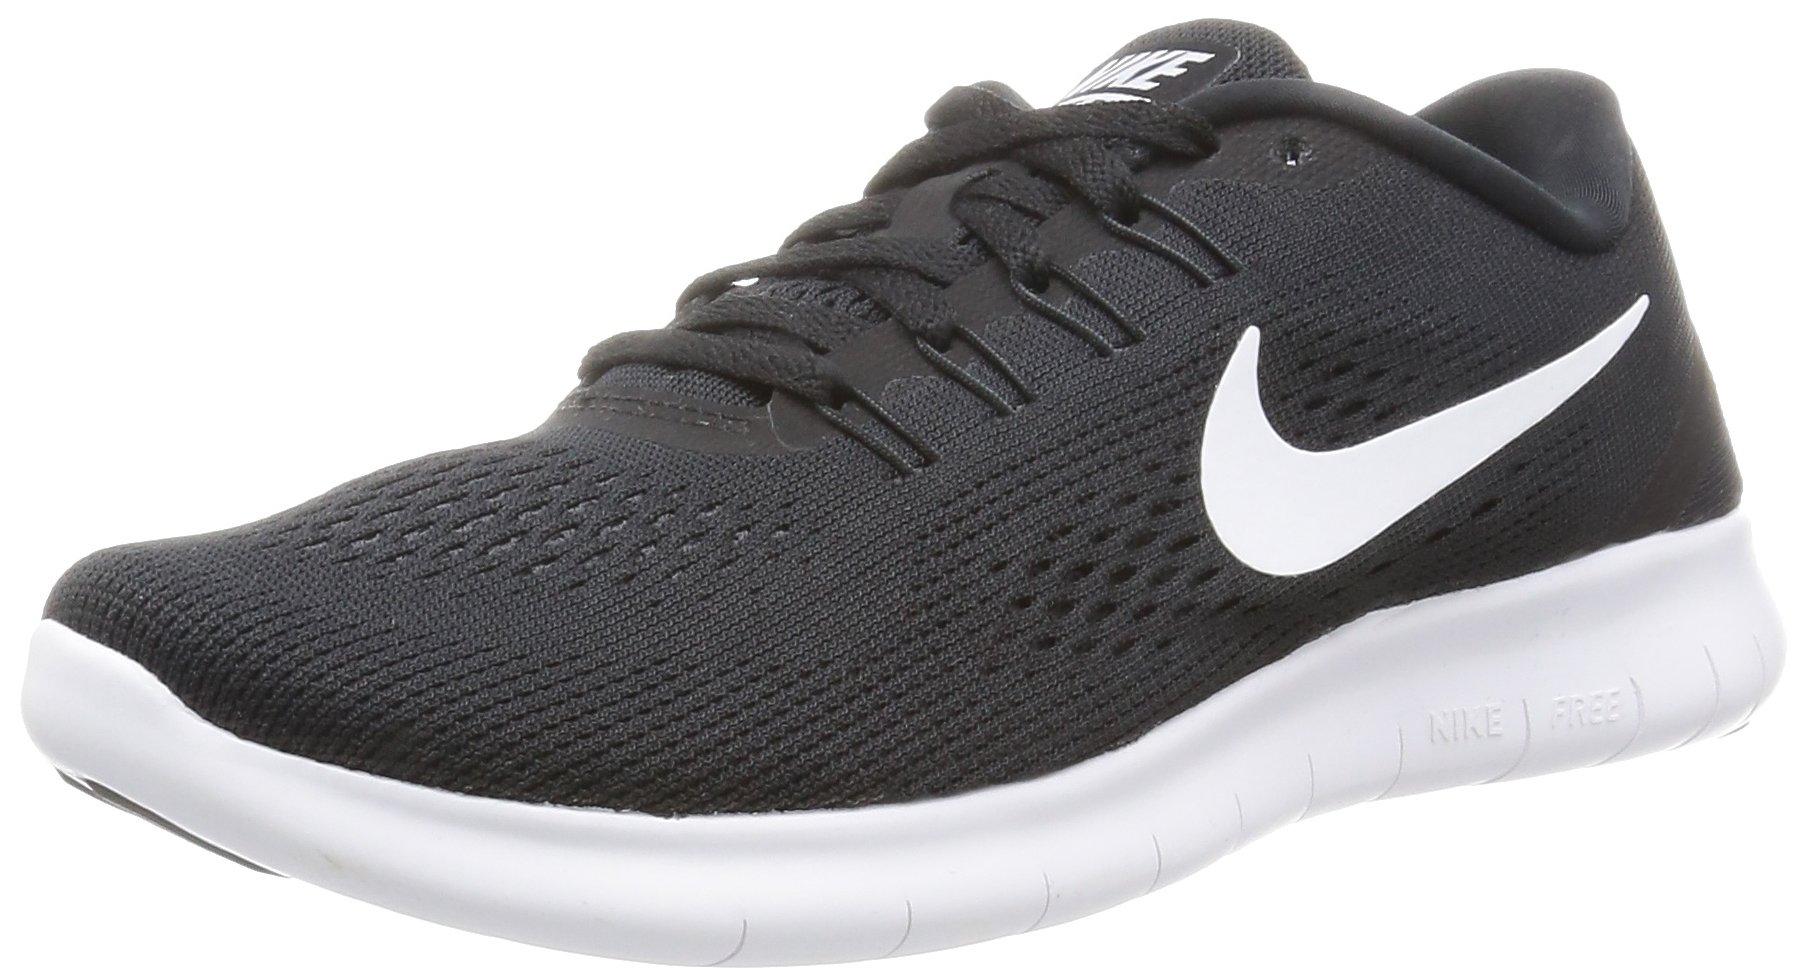 Nike Women's Free RN Black/Anthracite/White Running Shoe Black 10.5 B(M) US